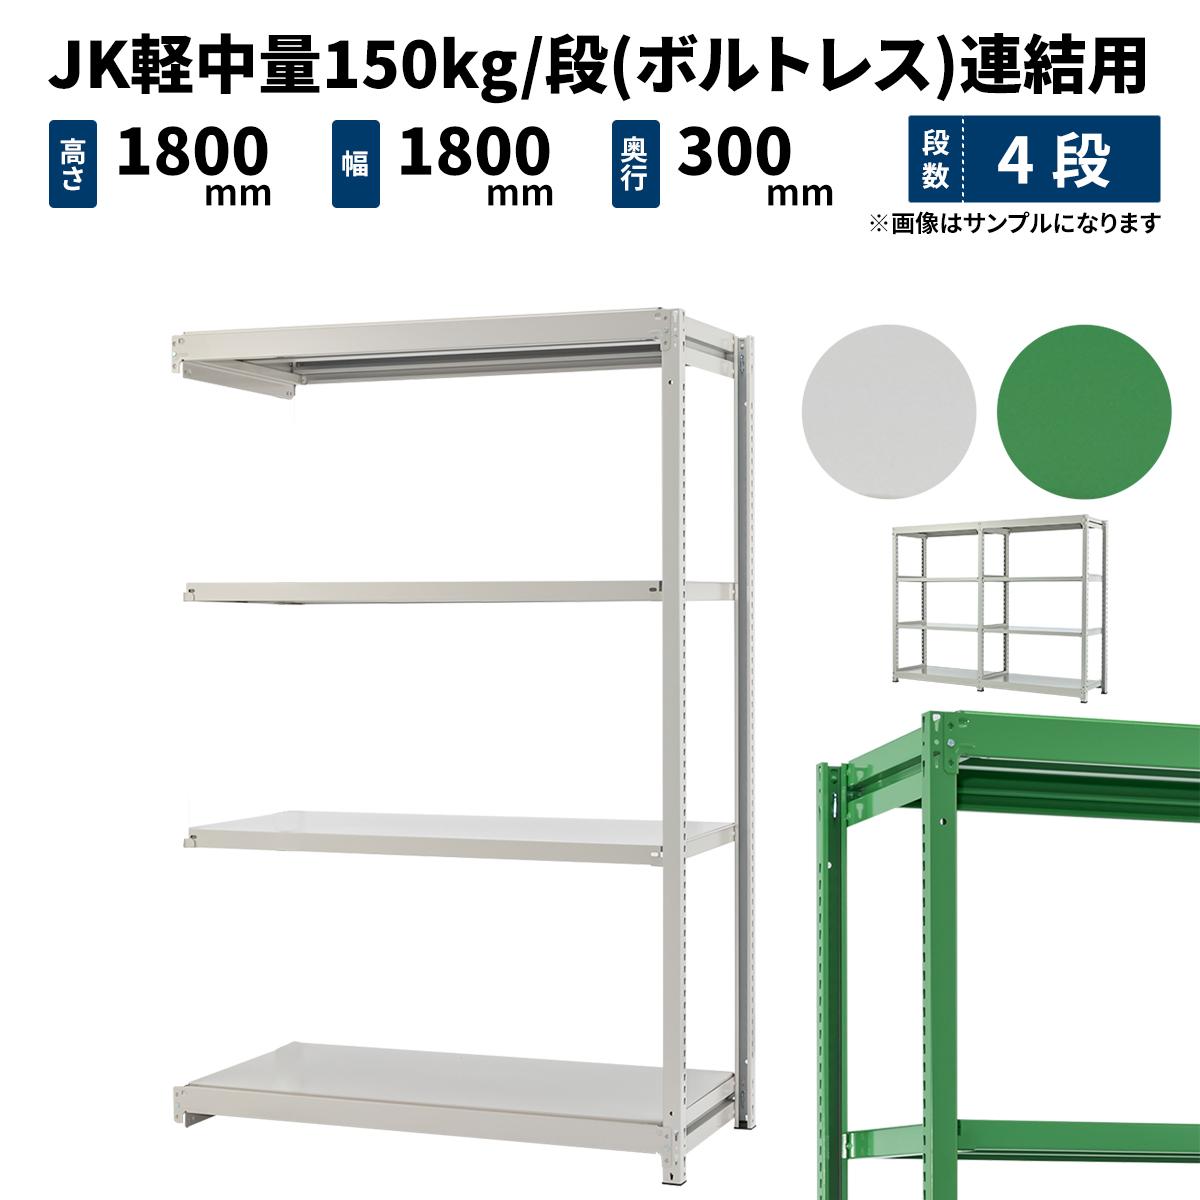 スチールラック 業務用 JK軽中量150kg/段(ボルトレス) 連結形式 高さ1800×幅1800×奥行300mm 4段 ホワイトグレー/グリーン (37kg) JK150_R-181803-4